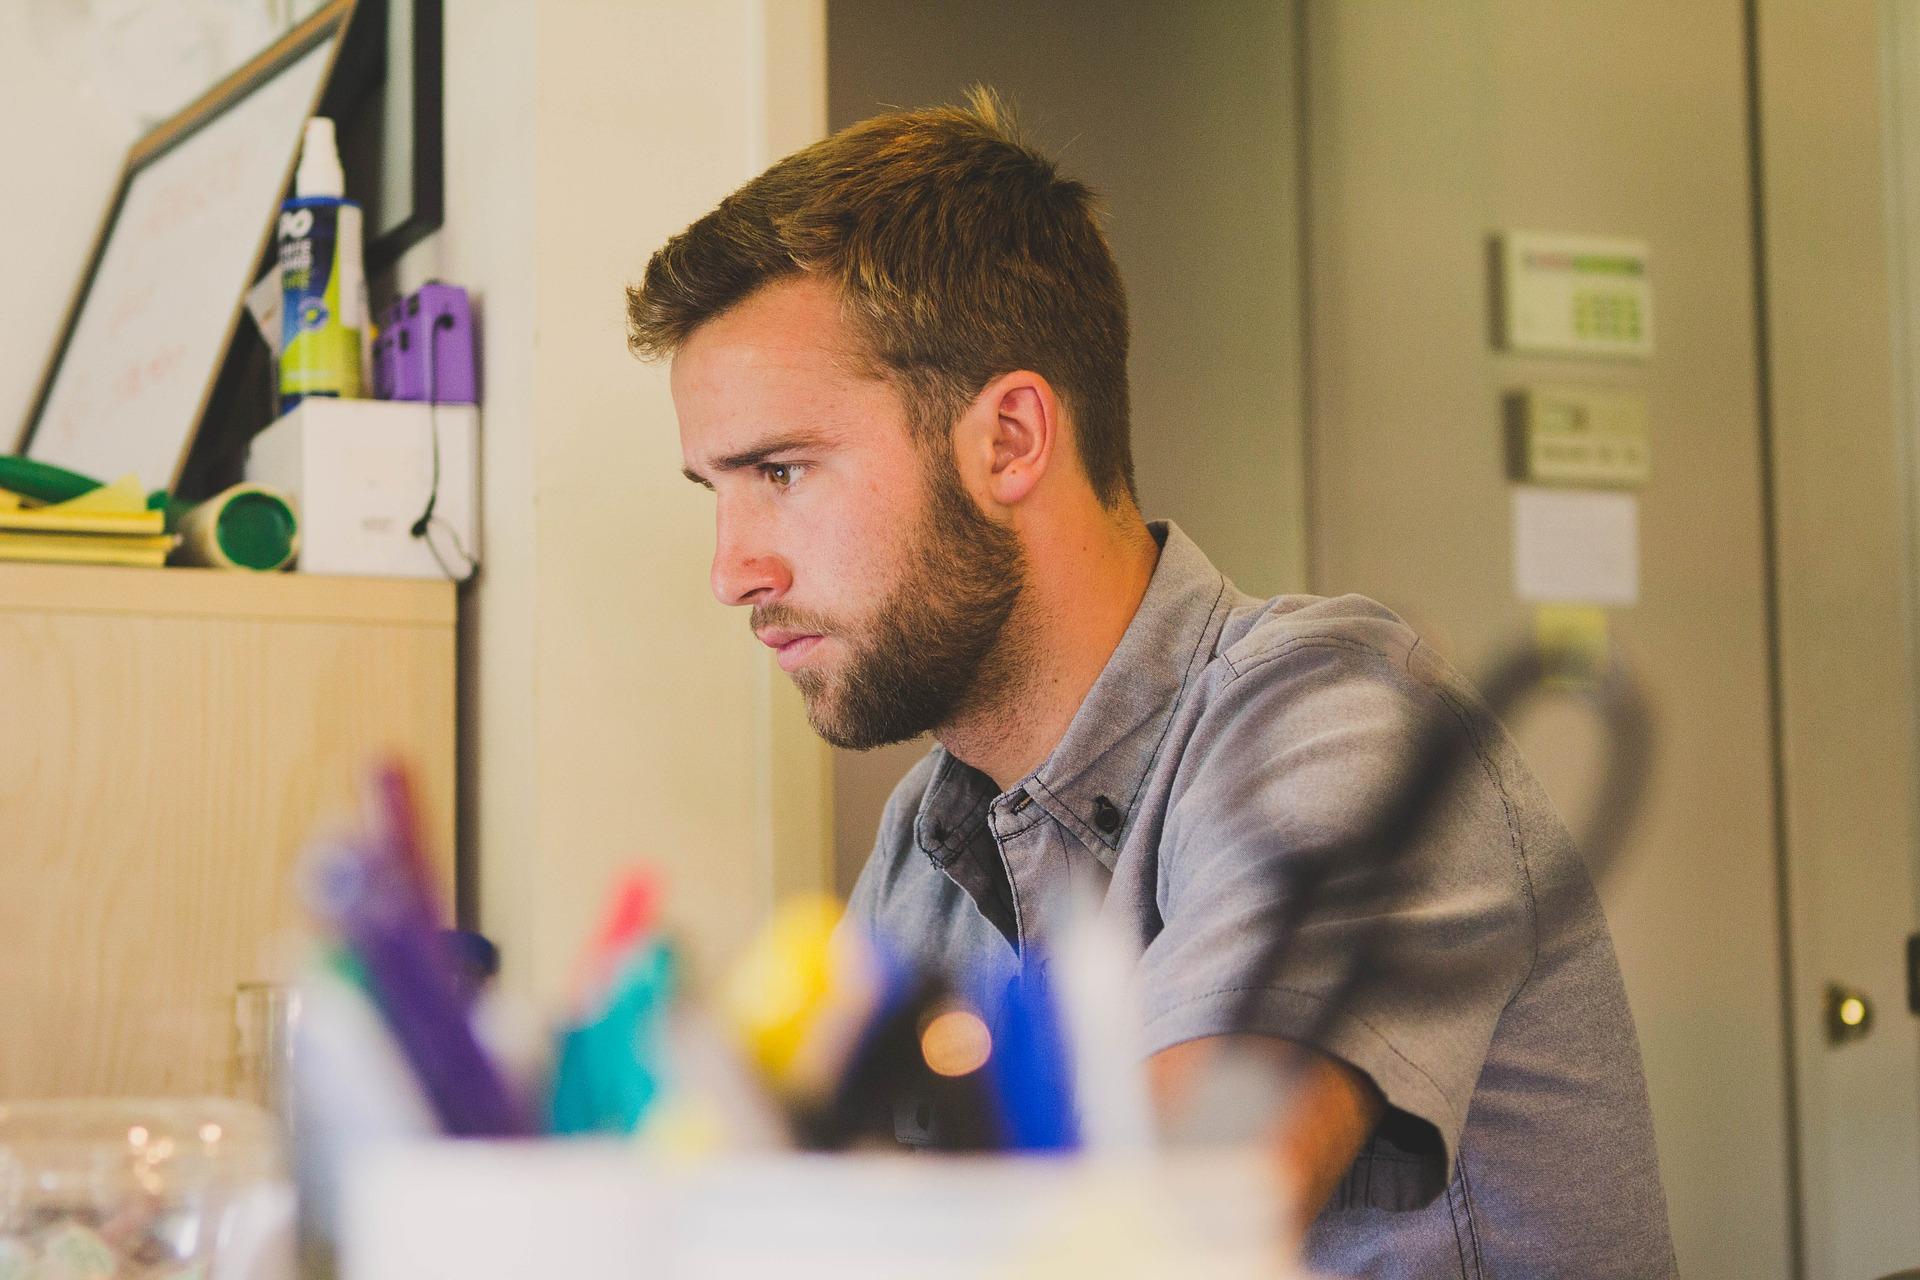 Persona trabajando concentrada